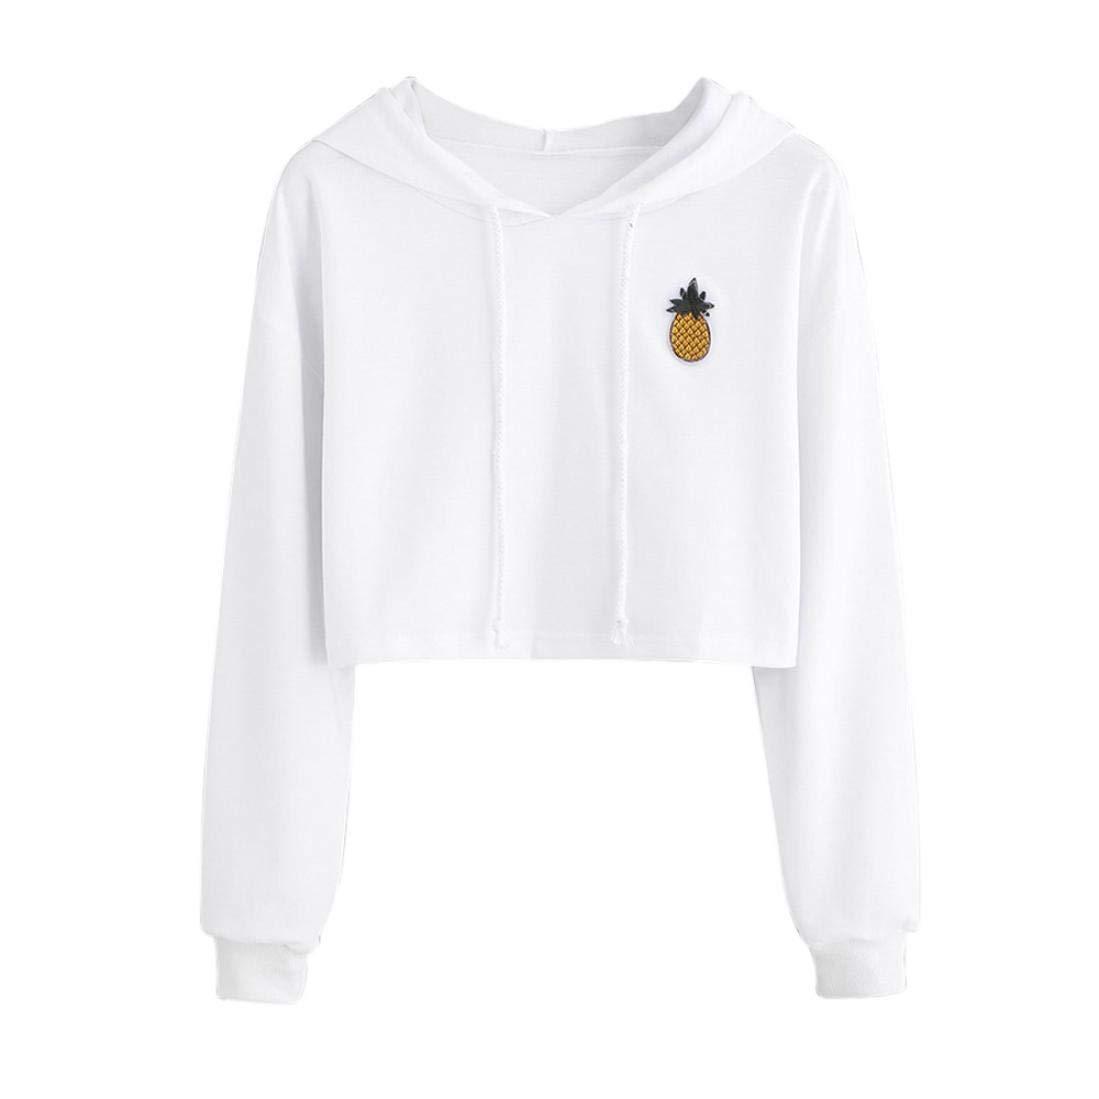 Kstare Women's Pineapple Printing Plaid Crop Top Hoodie Sweatshirt